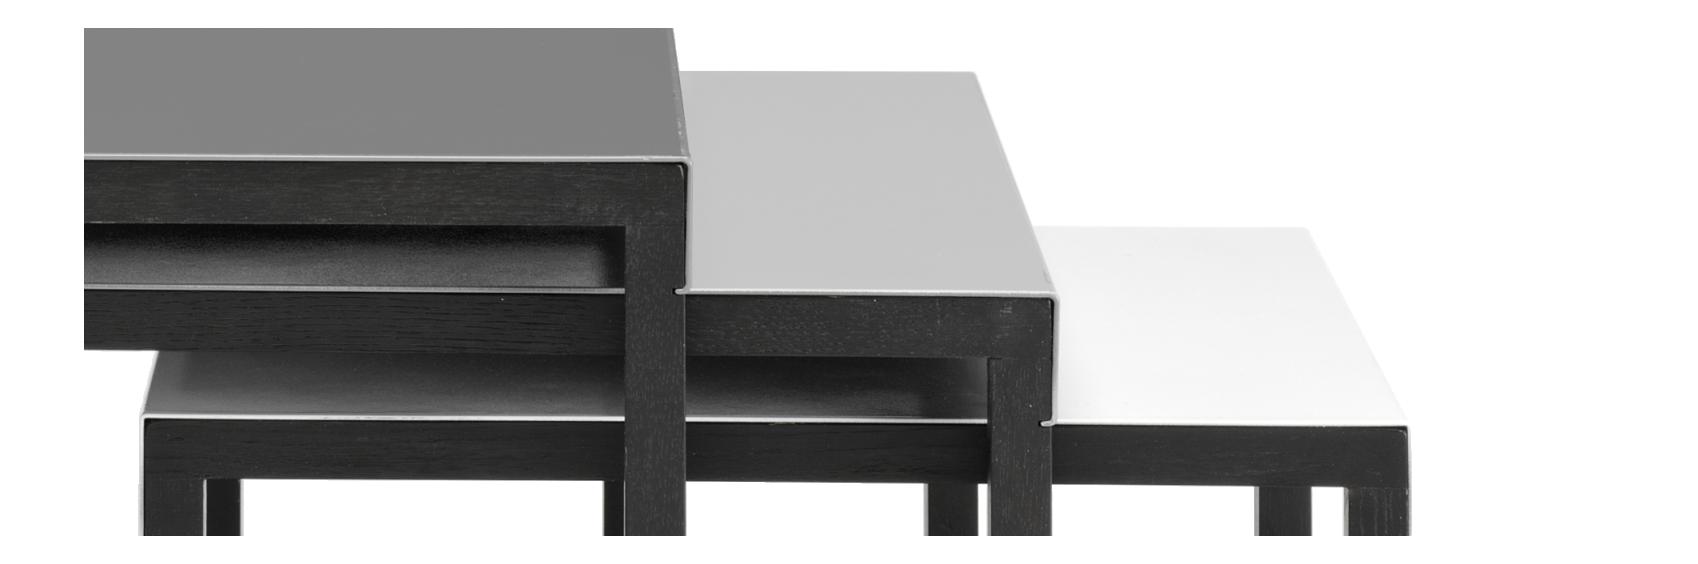 Kilo Tables Gigognes En Acier Laque Blanc Gric Et Noir Et Pieds En Chene Noirs Mobilier De Salon Table D Appoint Table